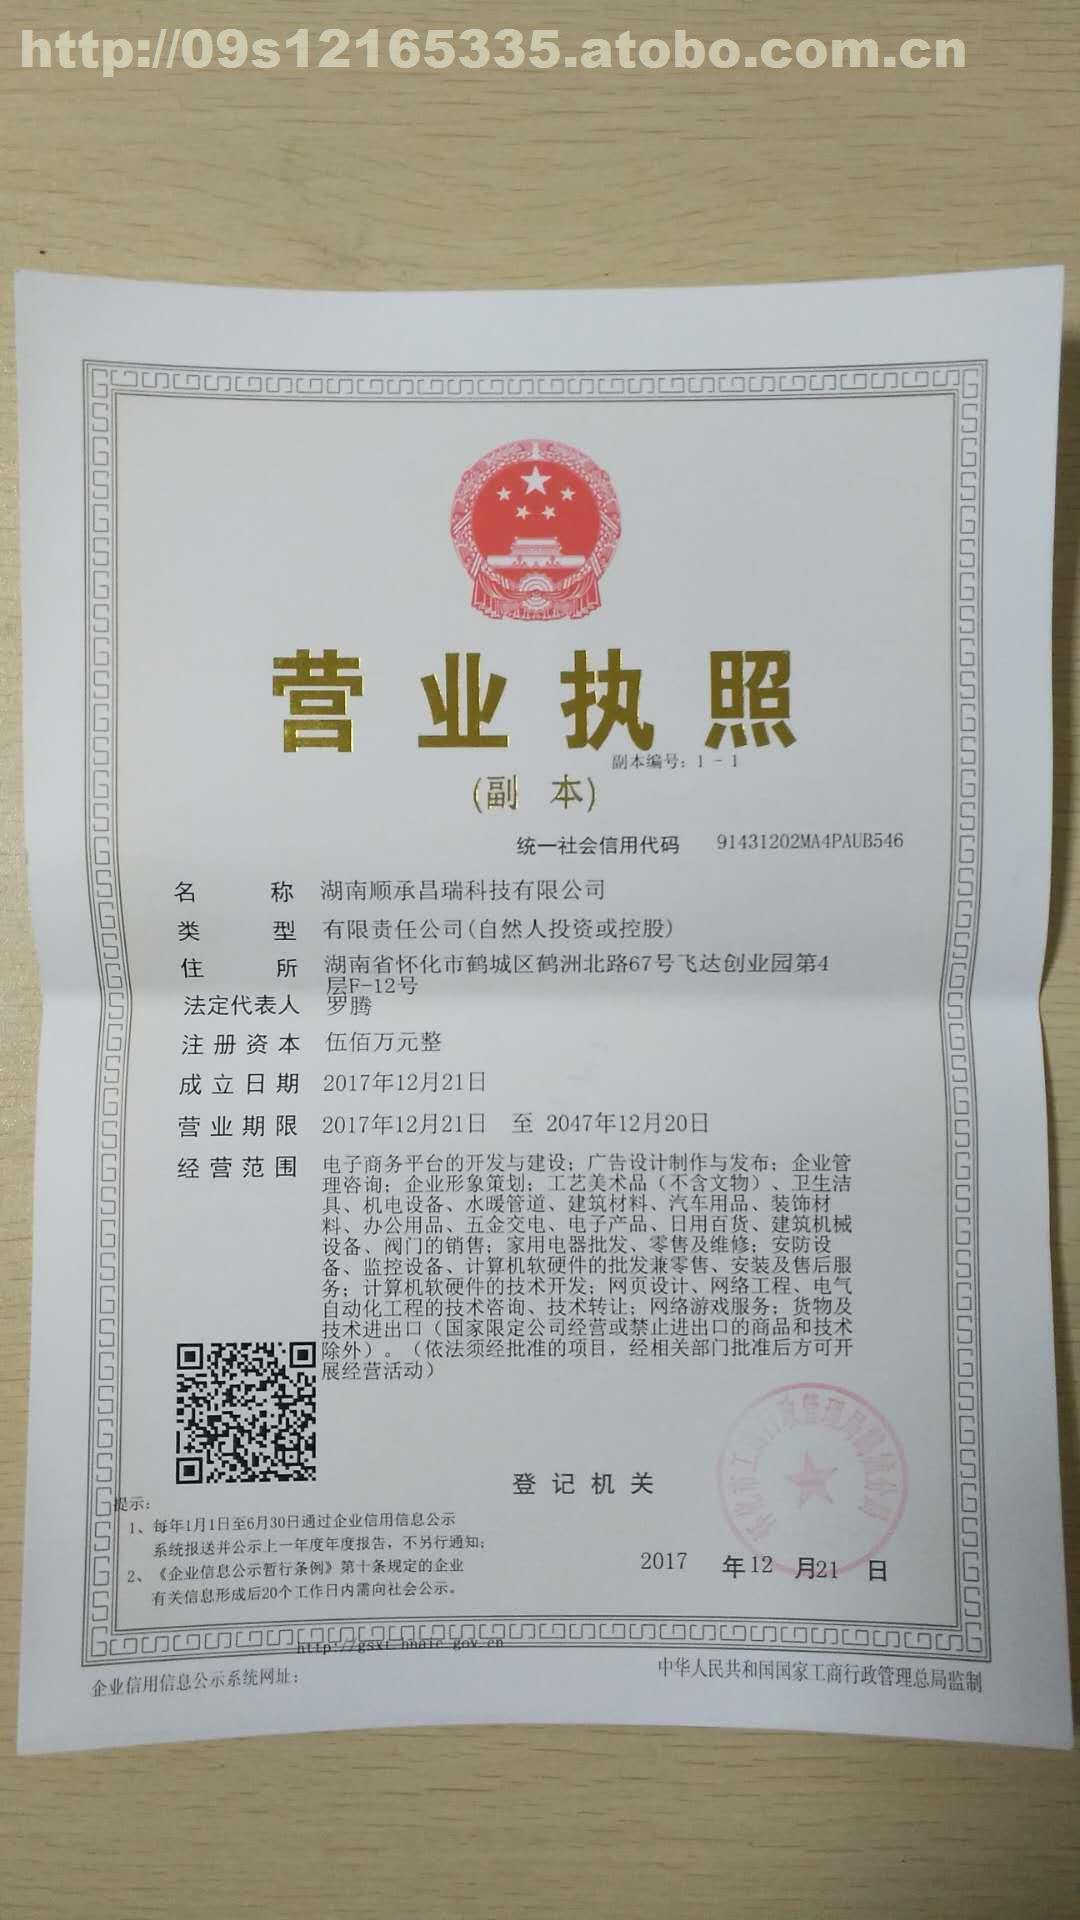 营业执照_湖南顺承昌瑞科技有限公司